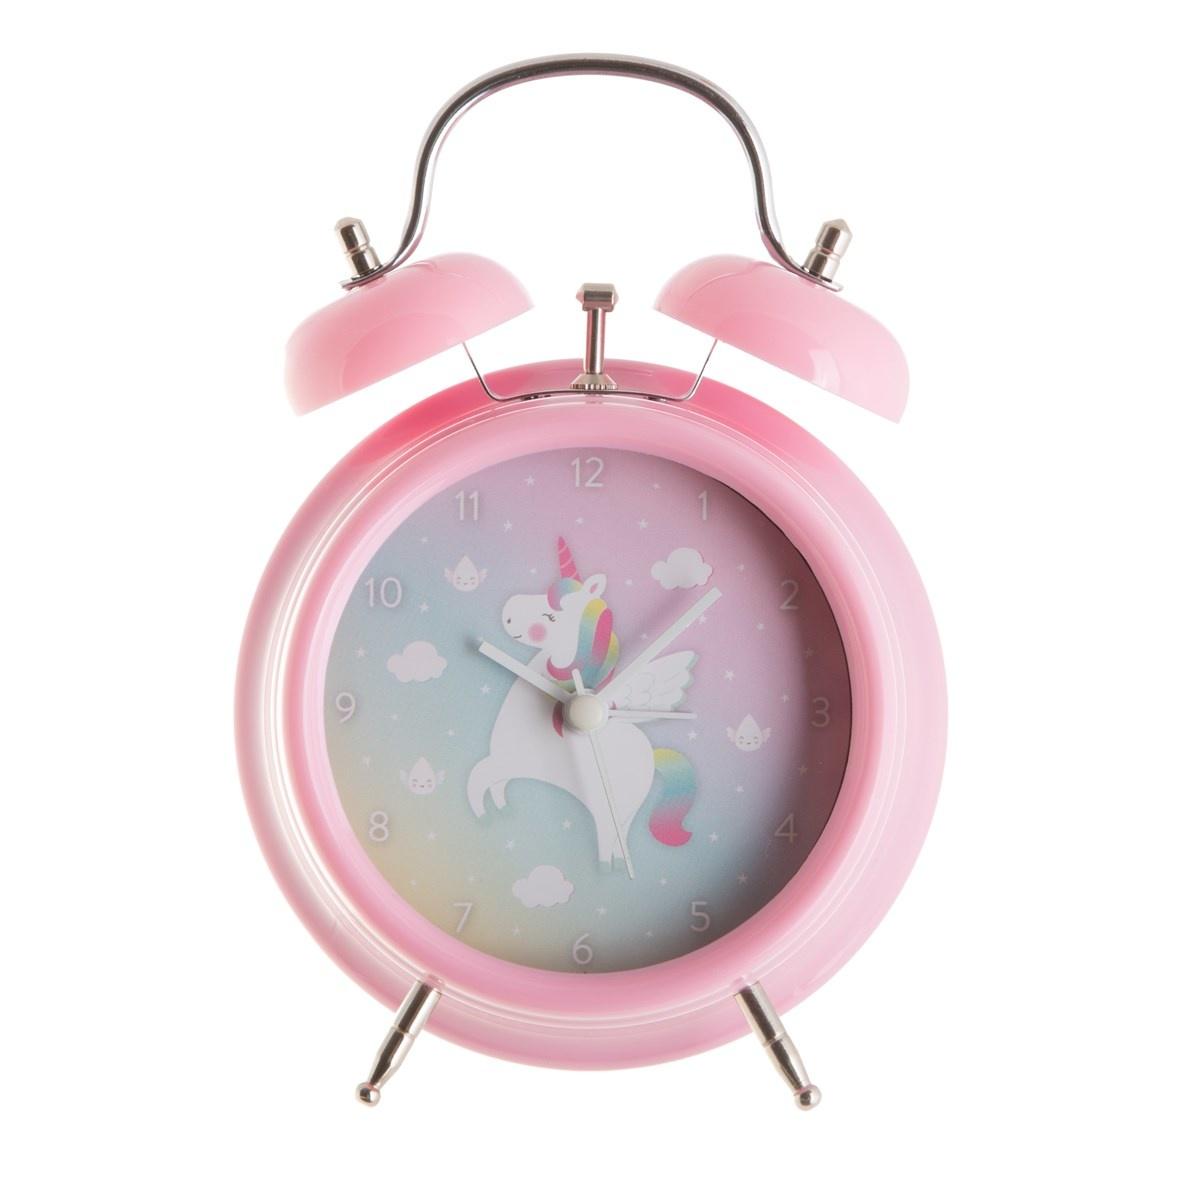 Sass /& Belle Parapluie pour enfant avec motif licorne arc-en-ciel